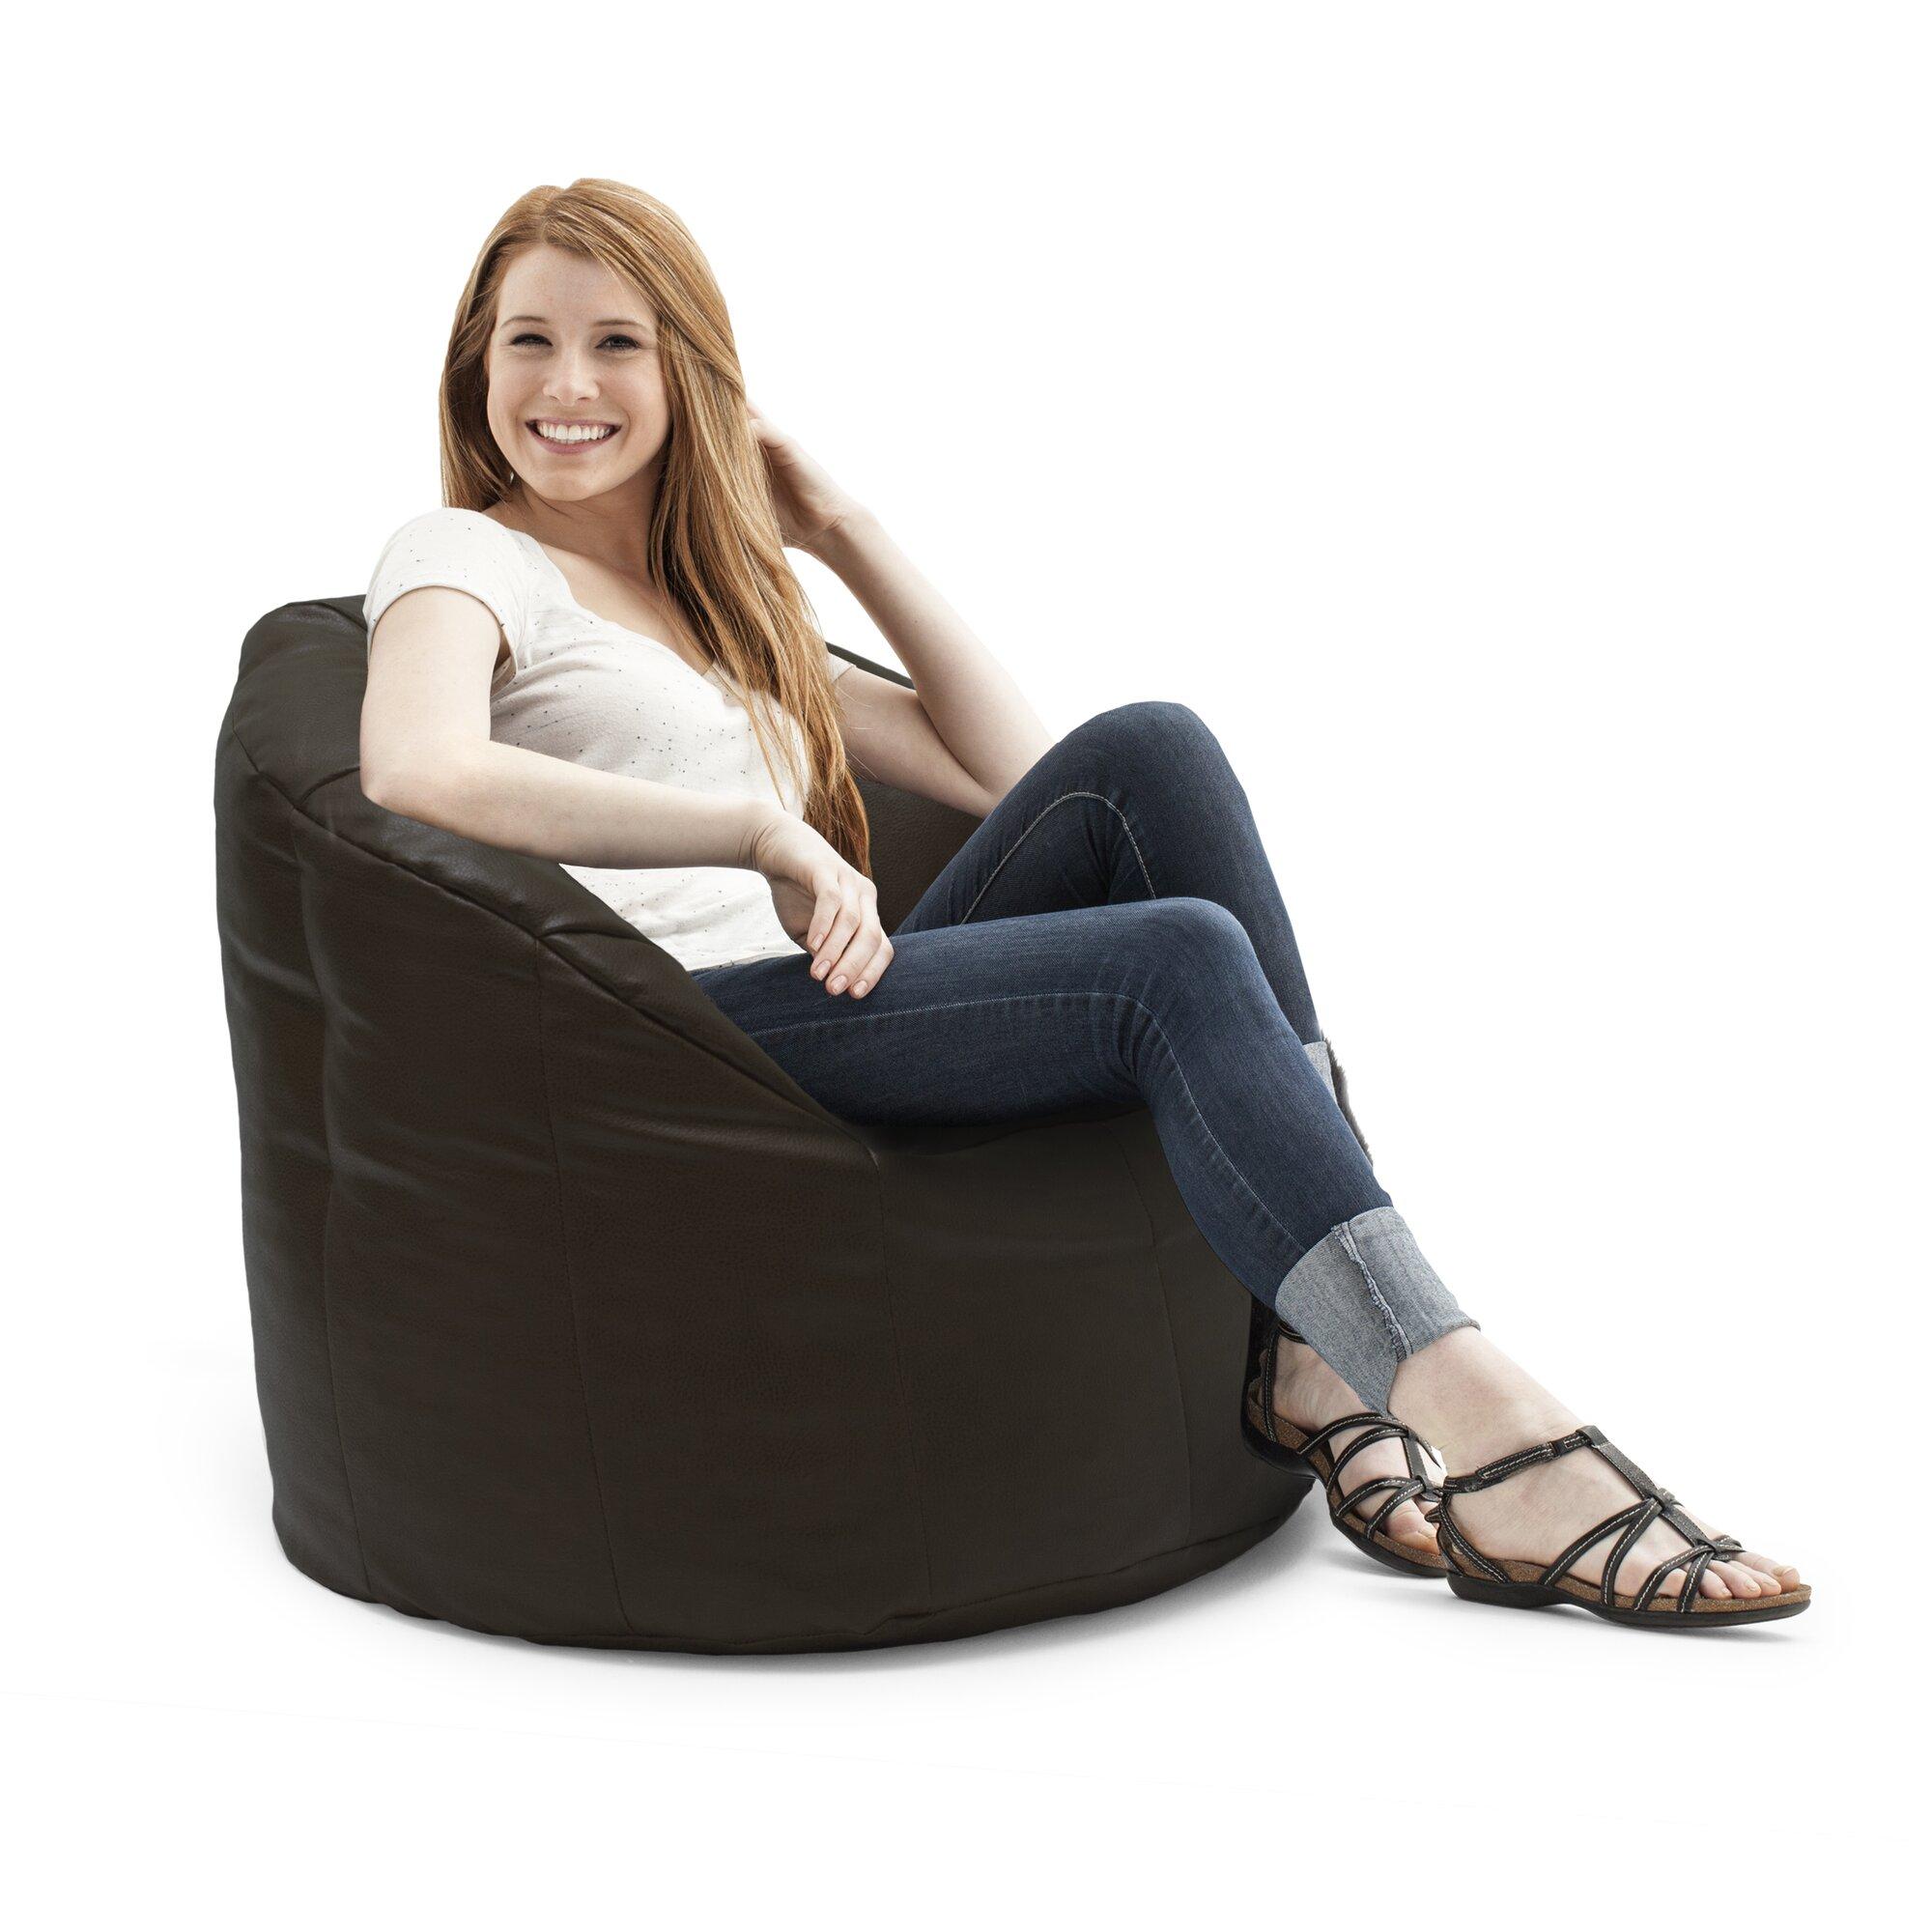 Big joe lumin chair blue - Big Joe Lumin Chair Green Big Joe Milano Bean Bag Lounger